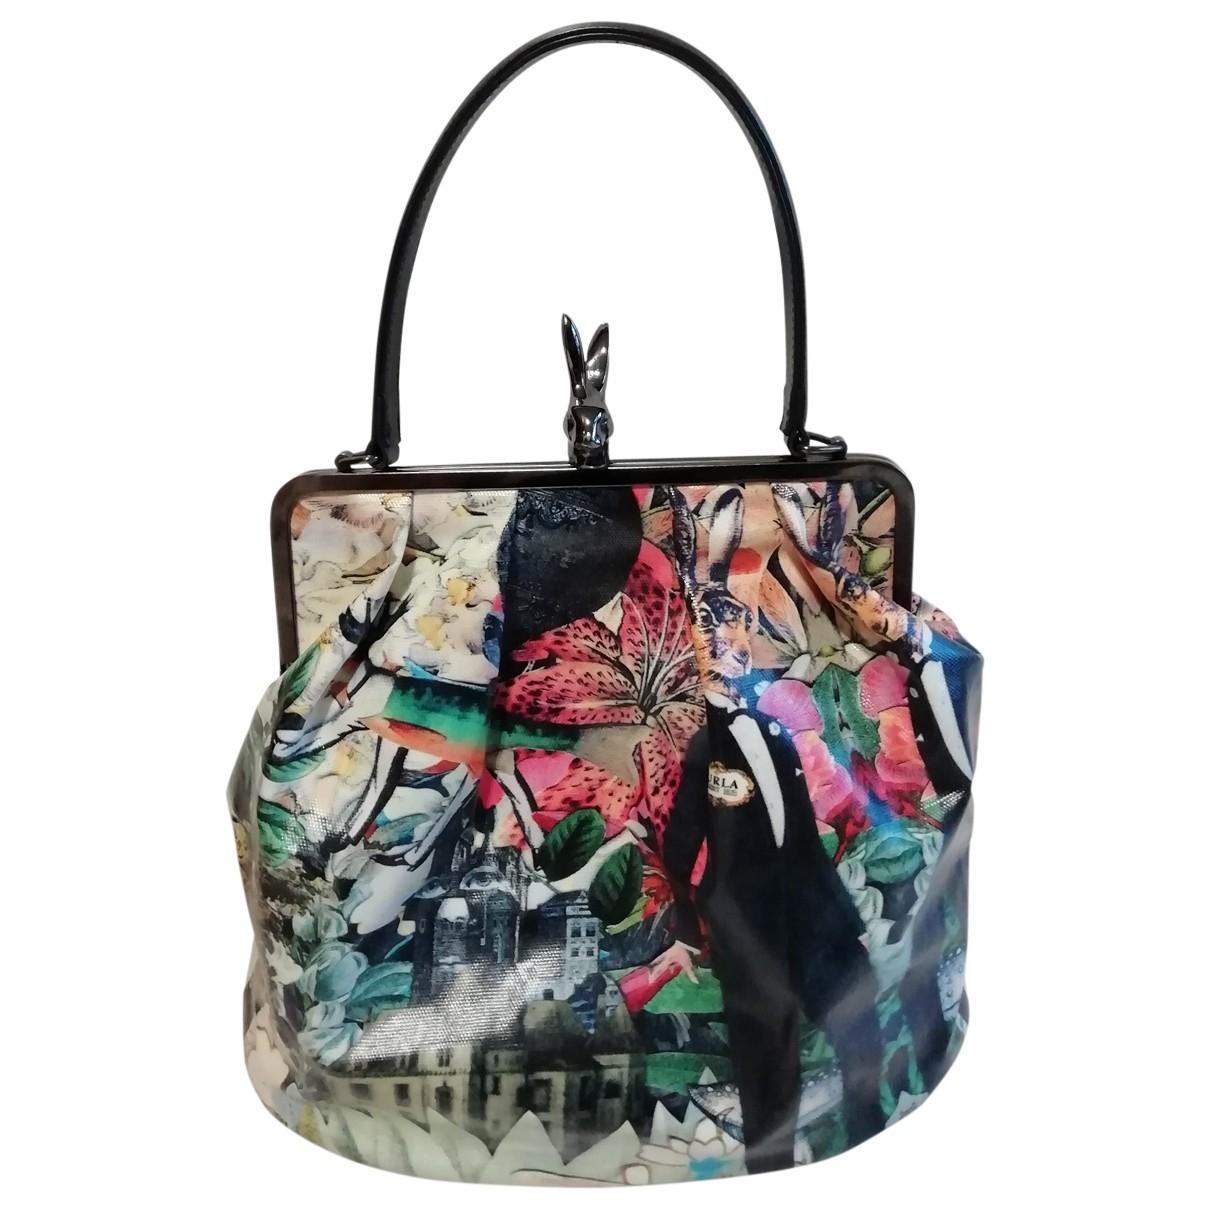 Furla \N Cloth handbag for Women \N